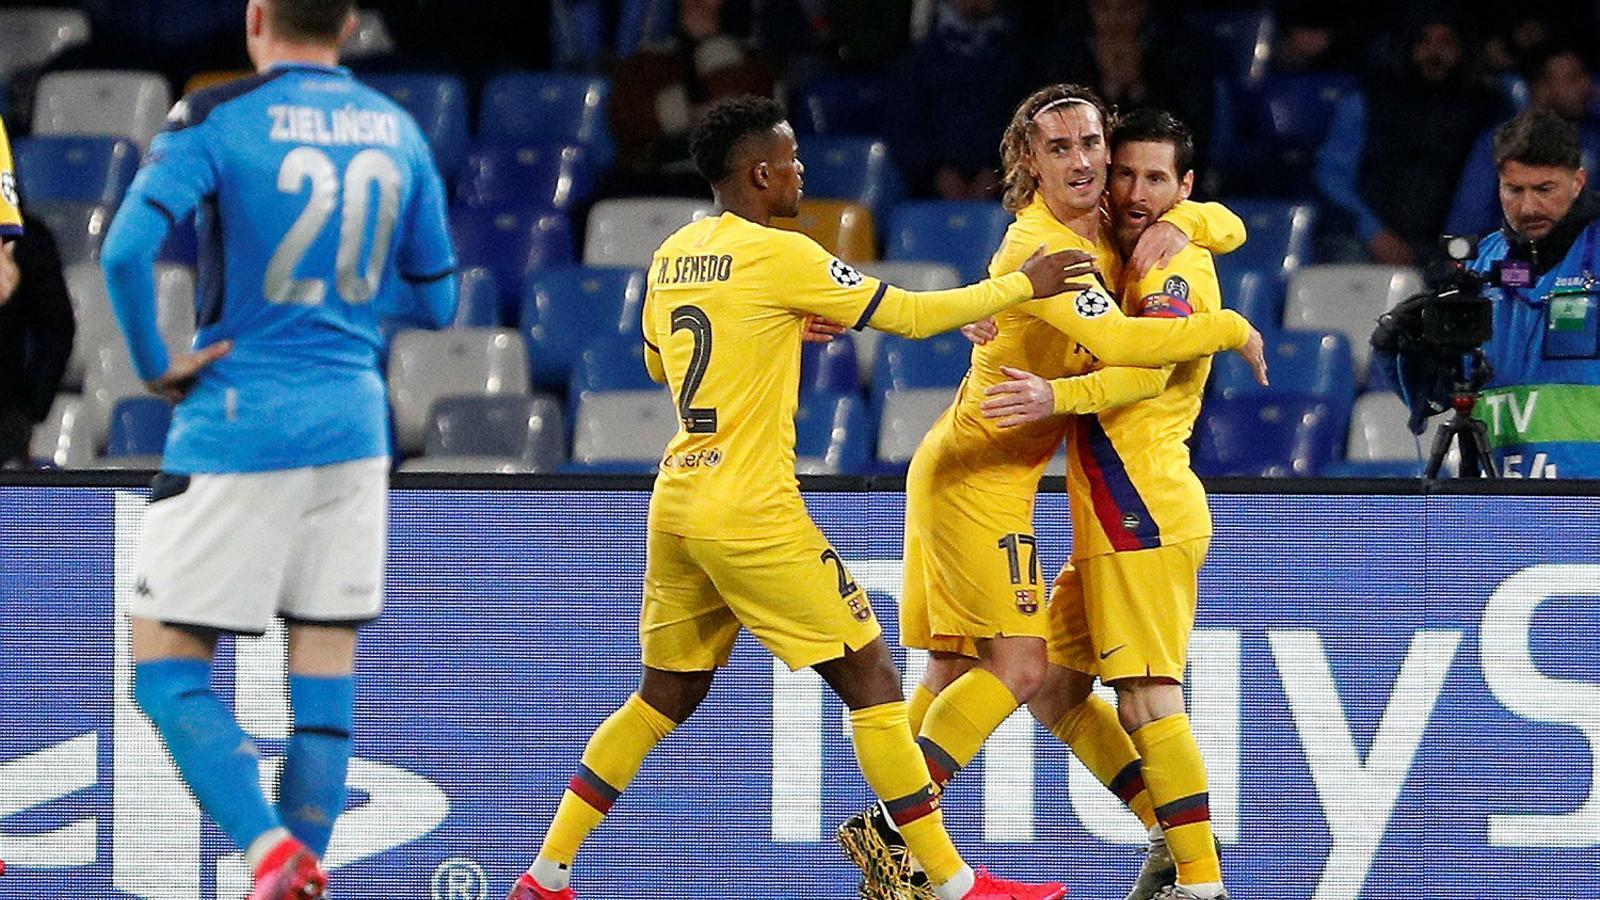 Nelson Semedo, autor de l'assistència, celebrant el gol d'Antoine Griezmann amb el francès i amb Leo Messi. El Barça va marcar en el seu únic xut entre els tres pals a Nàpols.